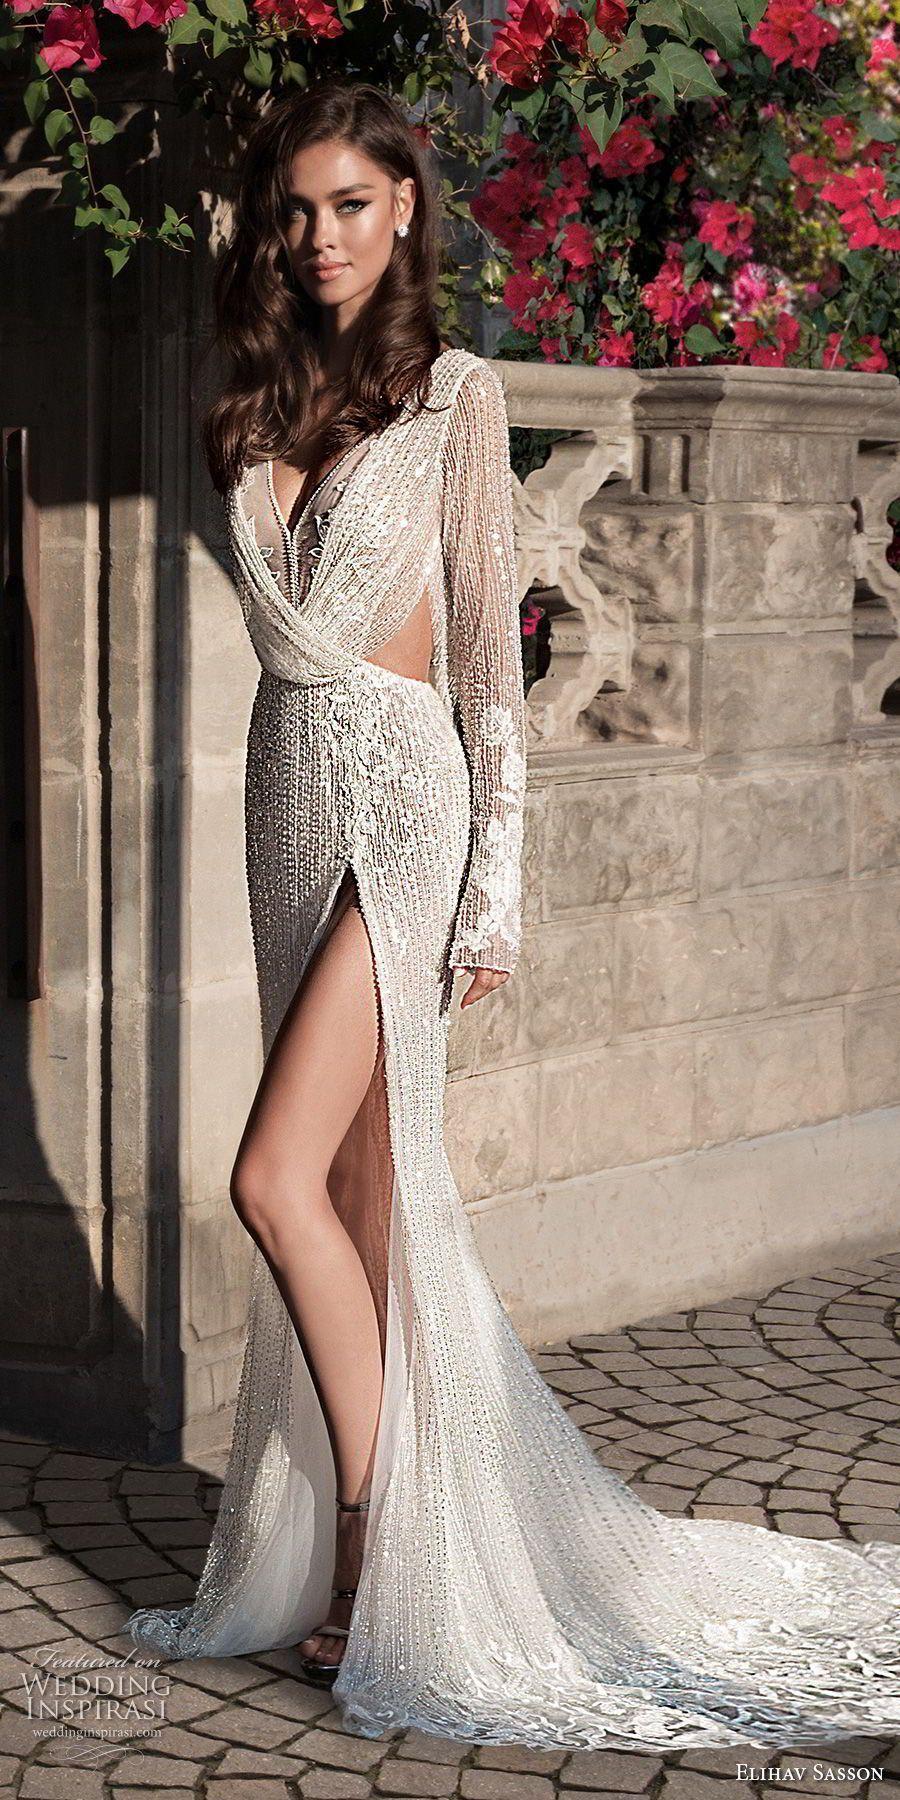 Long sleeve v neck wedding dress  elihav sasson  capsule bridal long sleeves v neck full